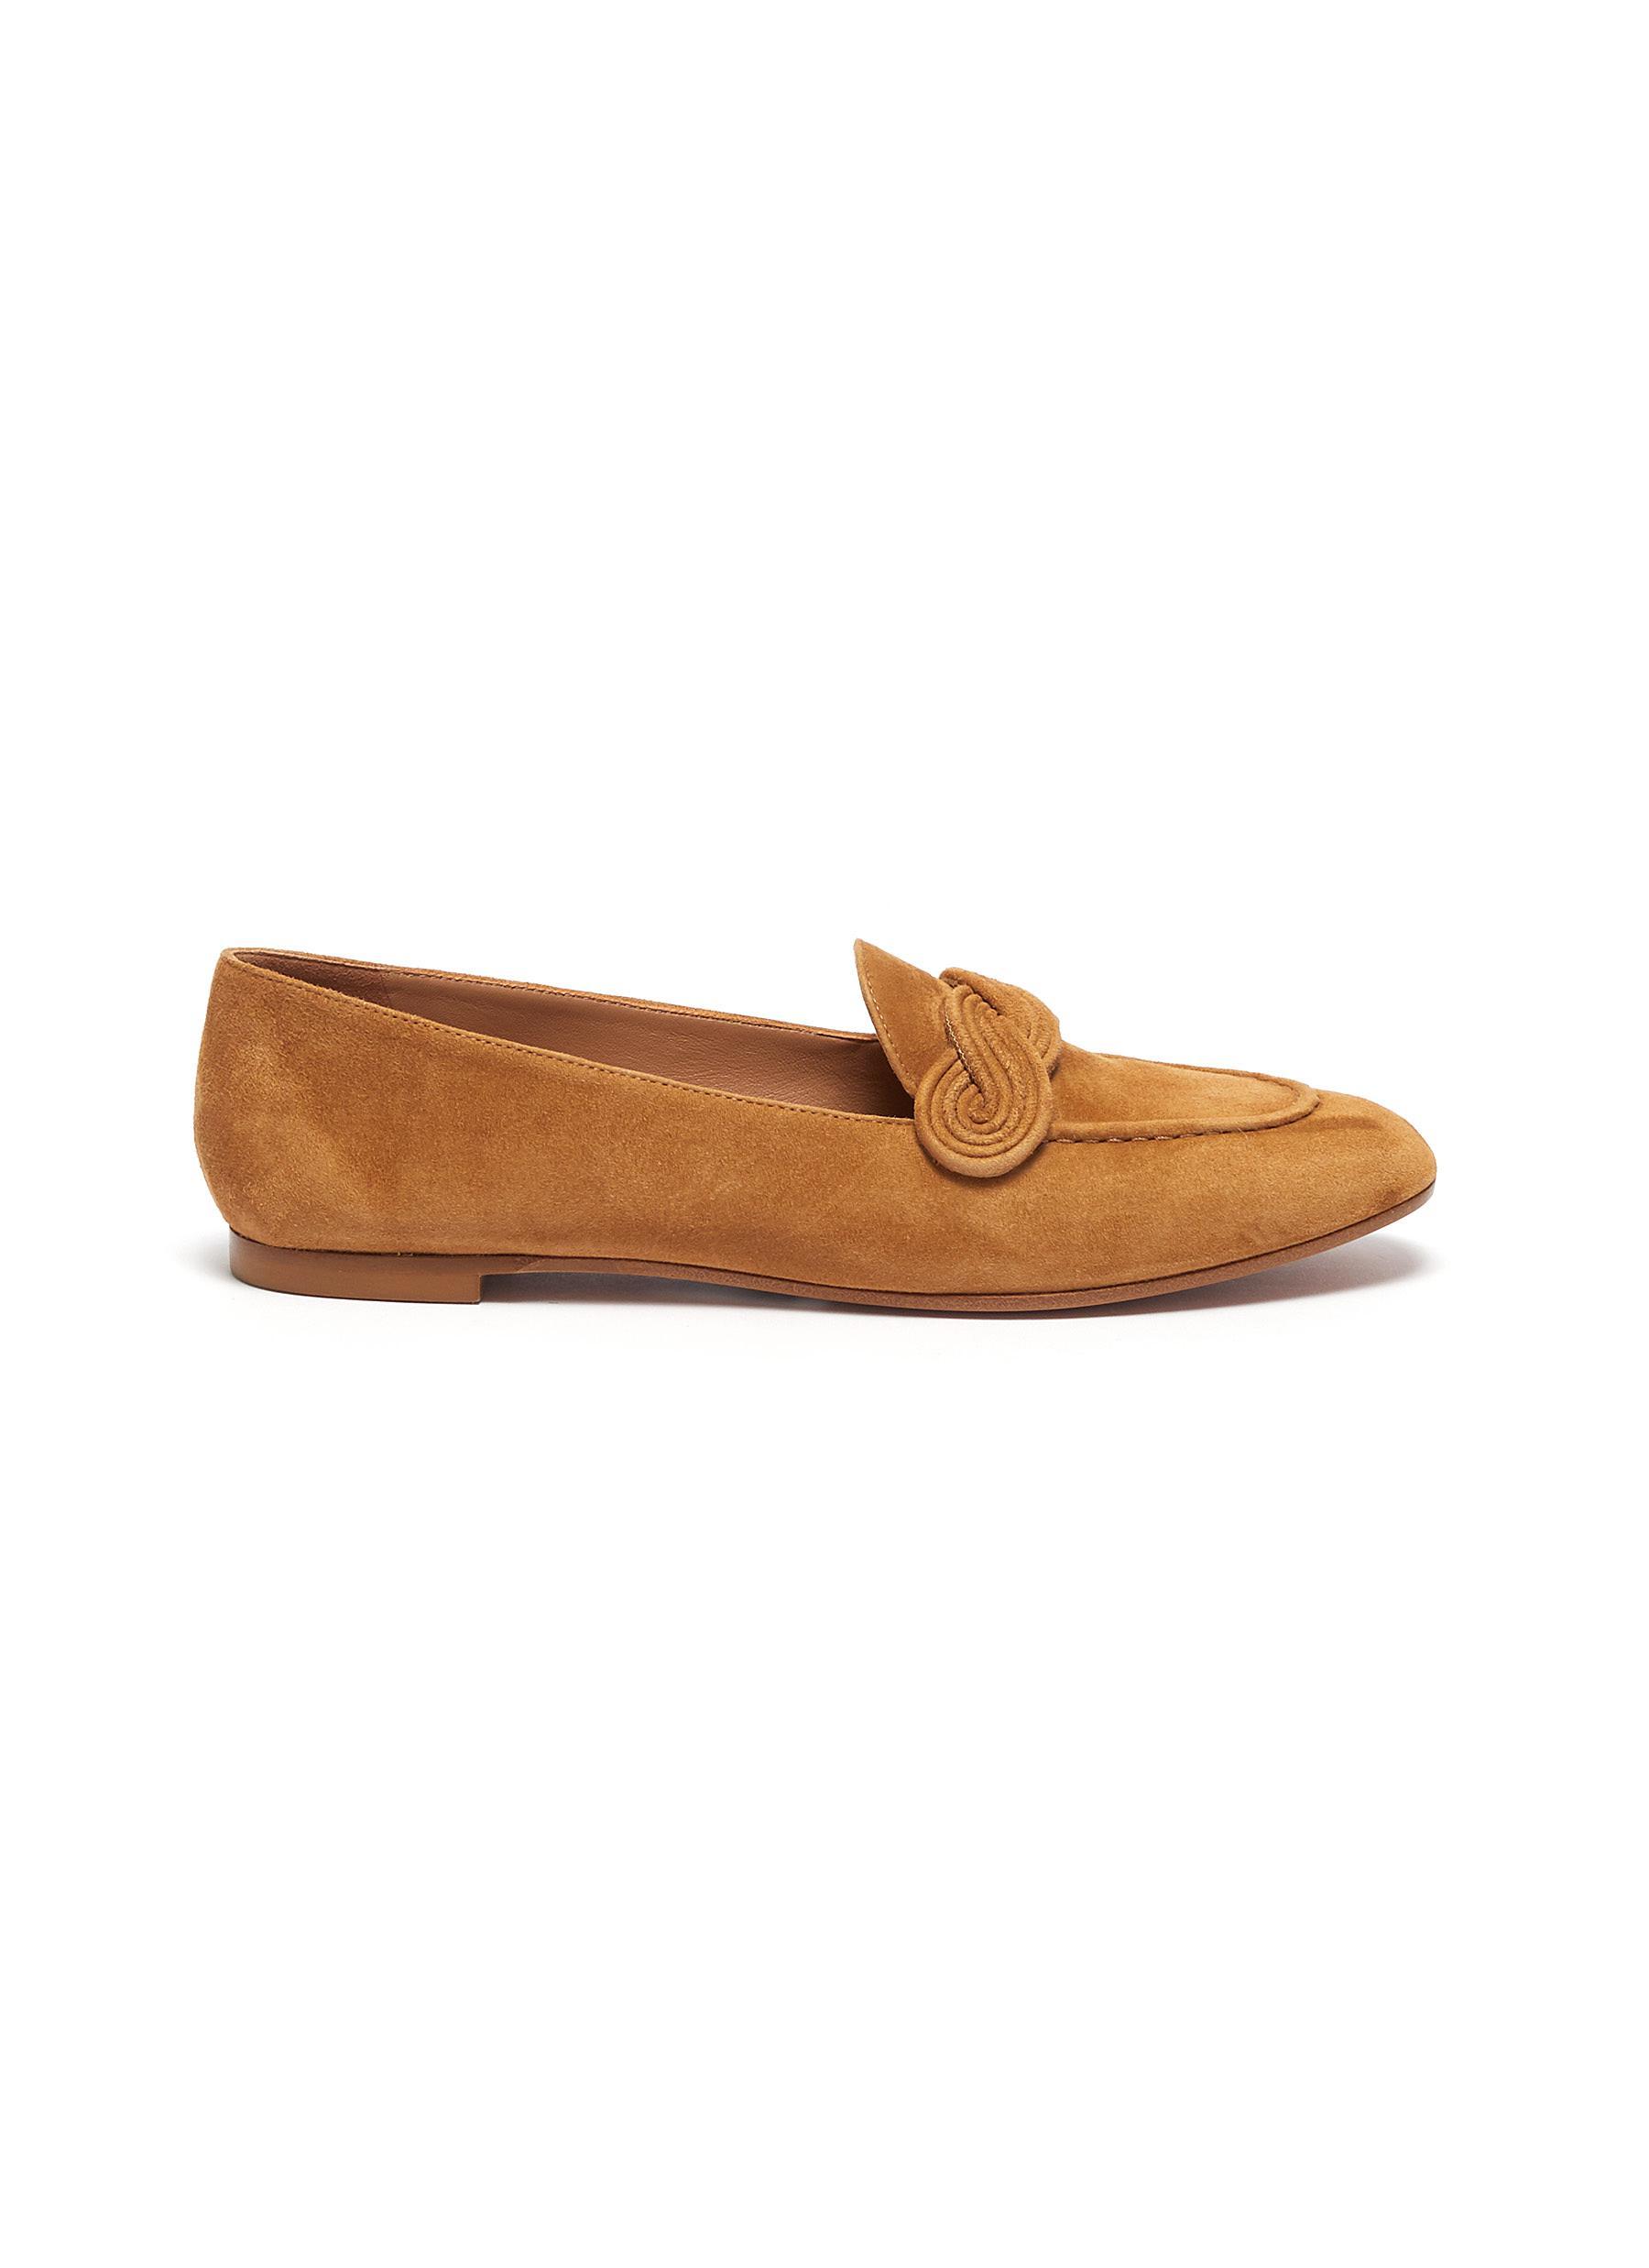 Aquazzura Flats Infinite suede mocsasin loafers